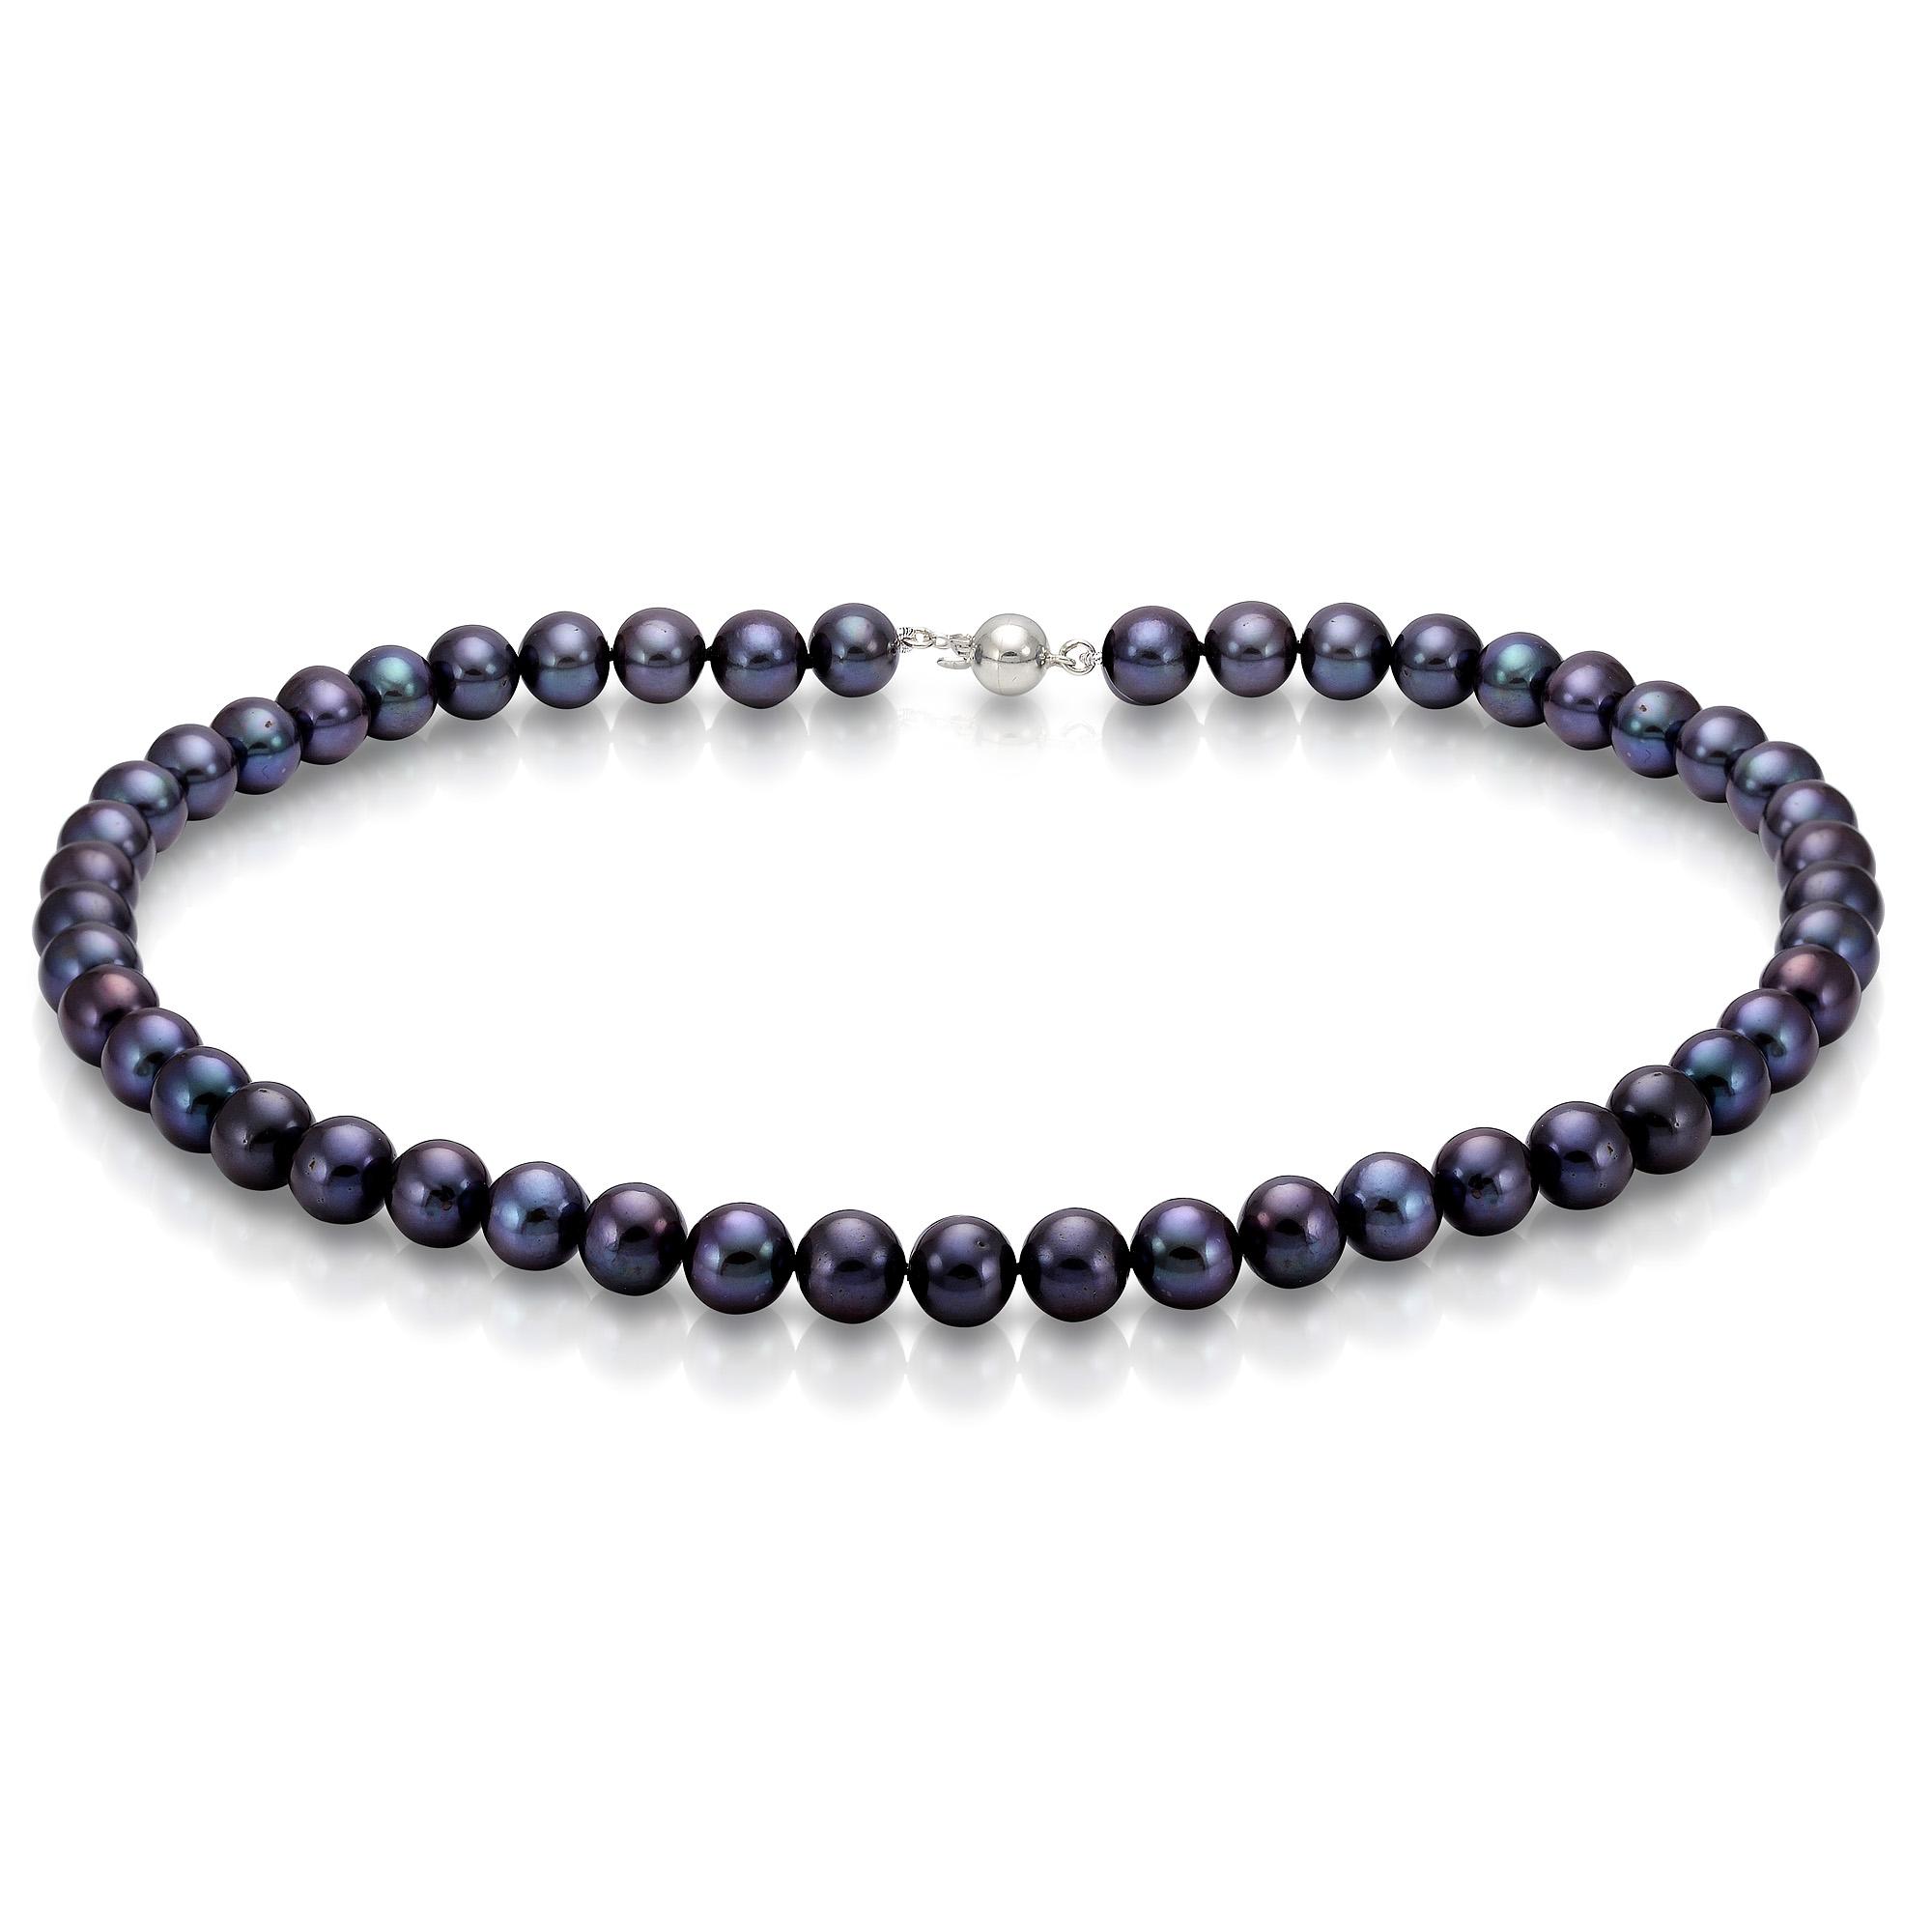 Ожерелье из черного круглого речного жемчуга. Жемчужины 7,5-8 мм